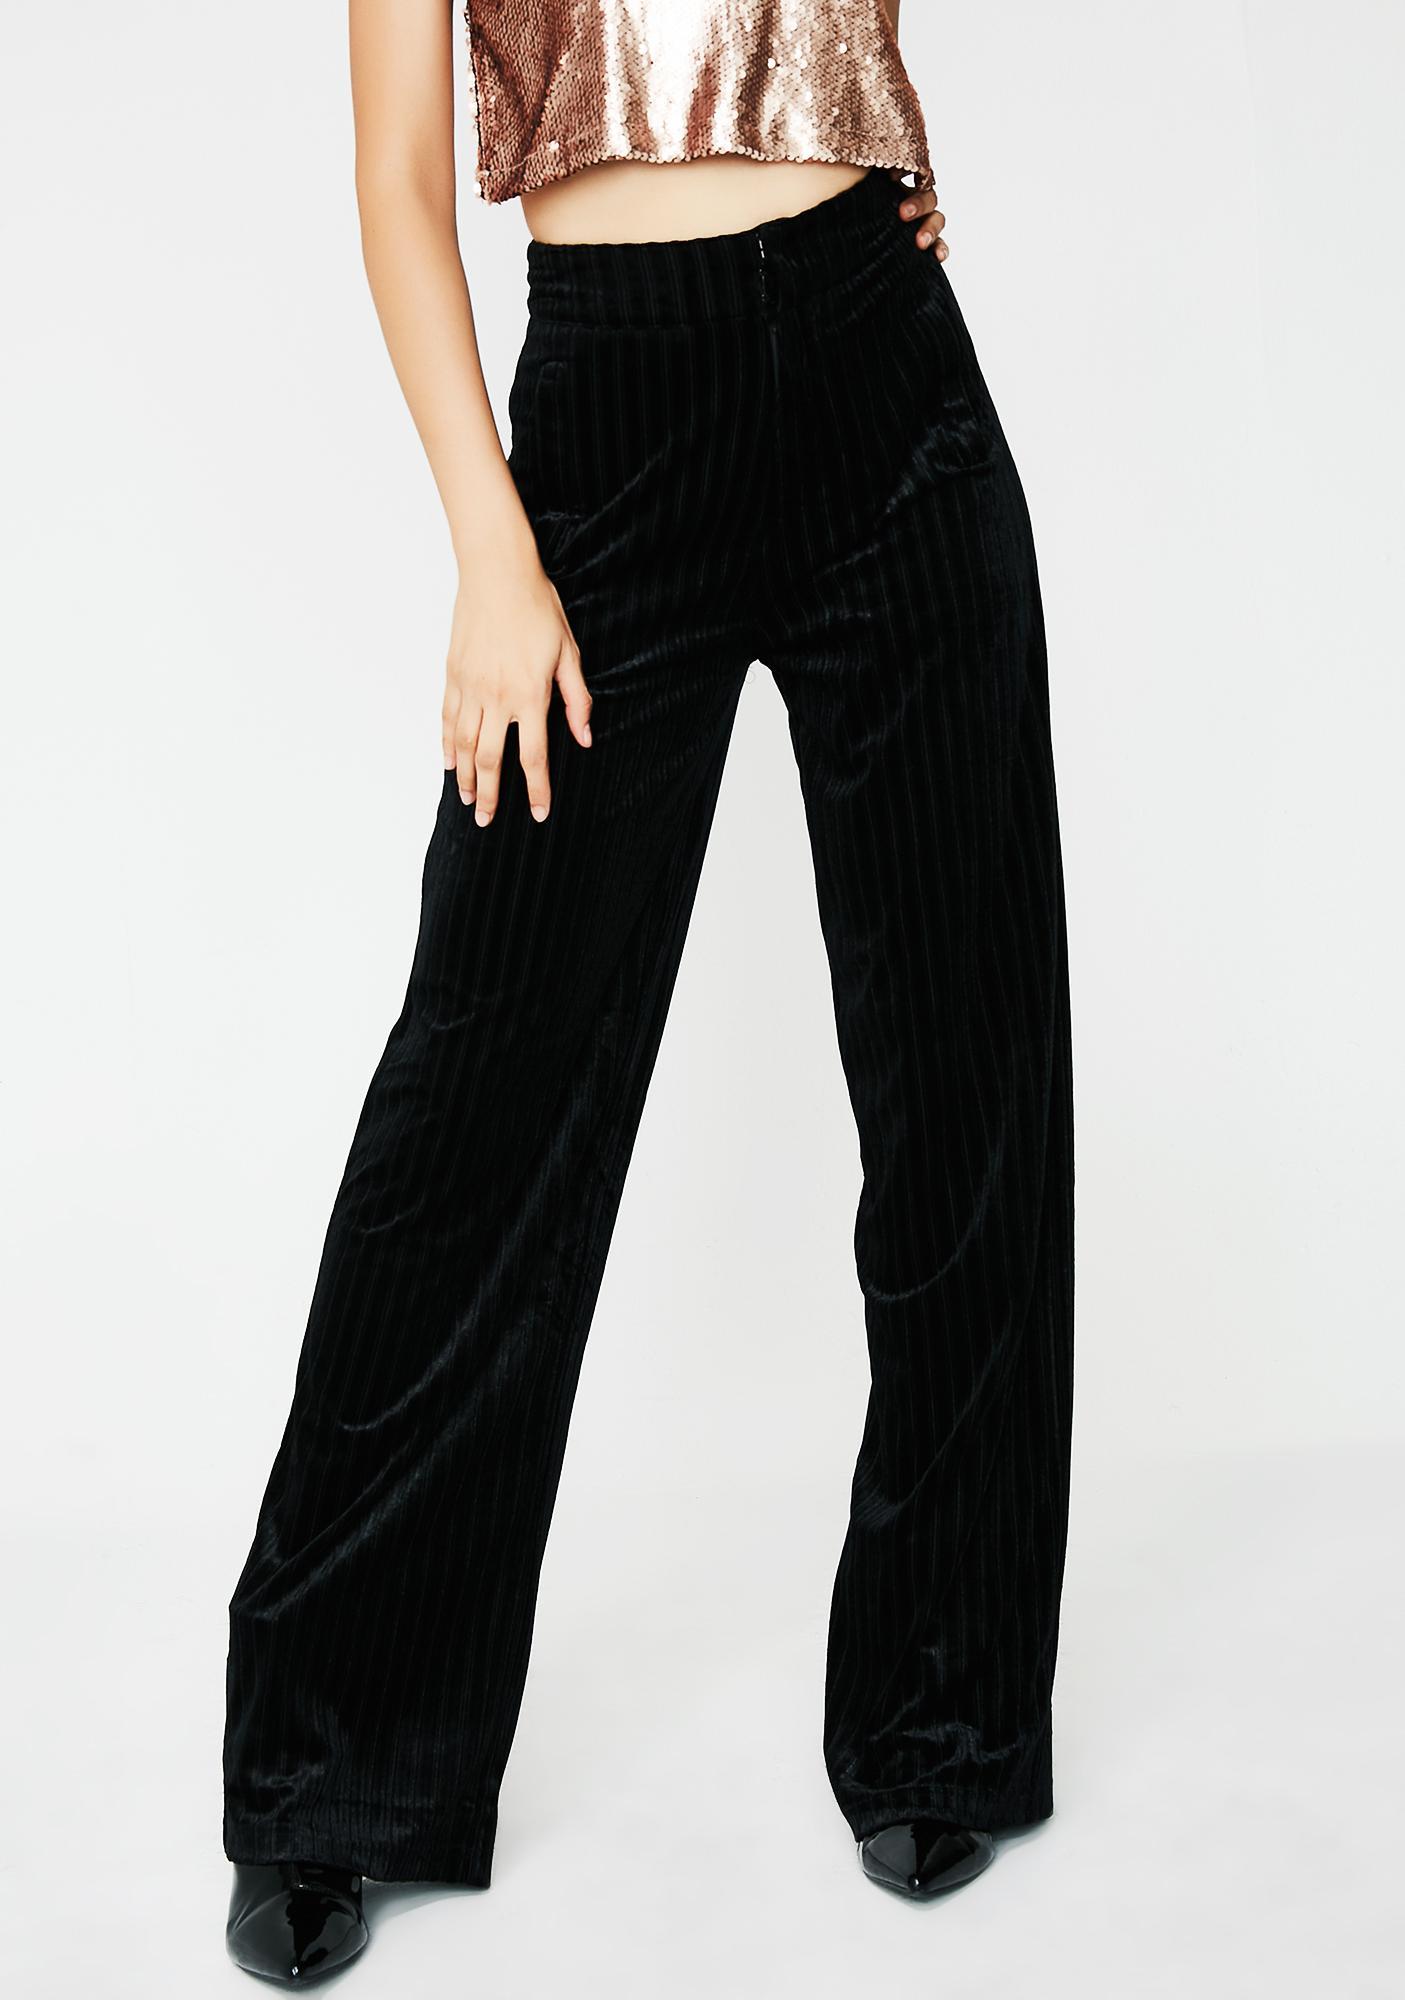 Onyx Now Or Never Velvet Pants